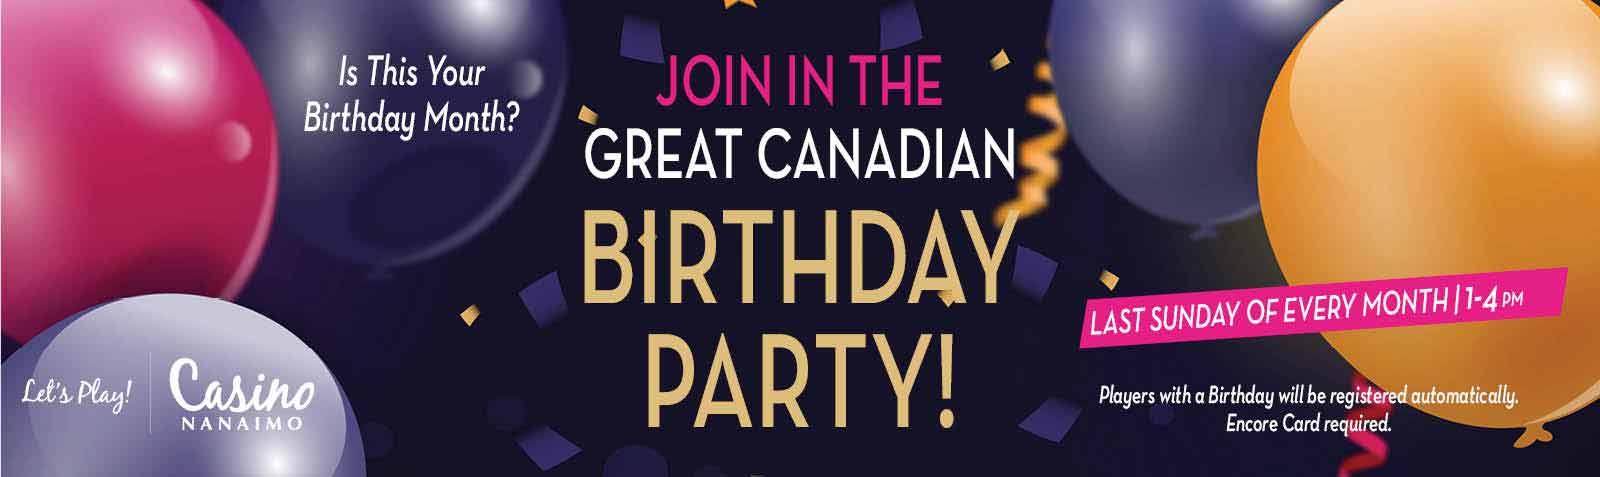 CN-Birthday-Party-Web-Slider-resized